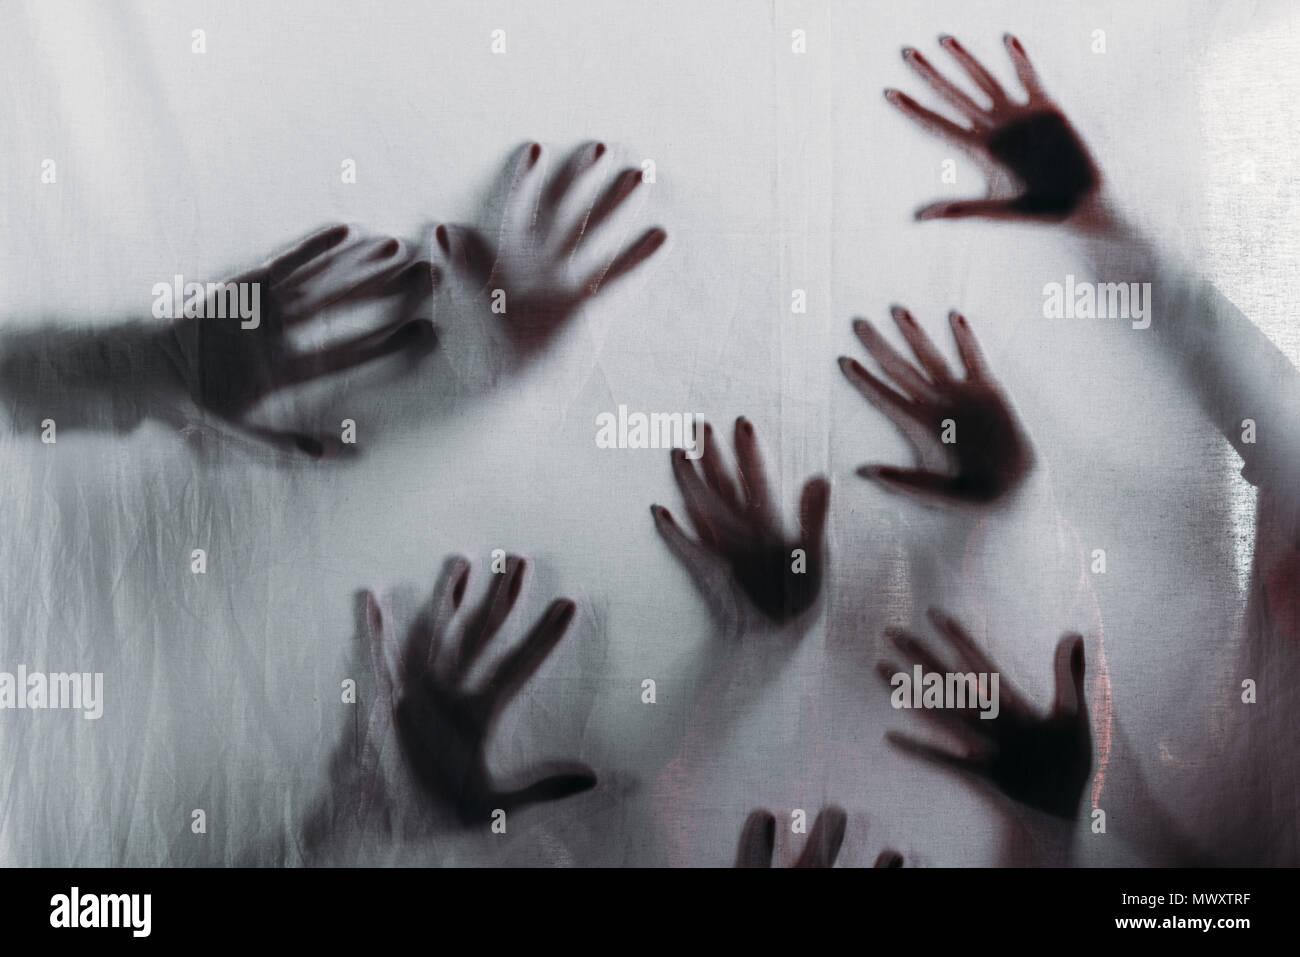 Miedo borrosas siluetas de manos humanas tocar el vidrio esmerilado Imagen De Stock